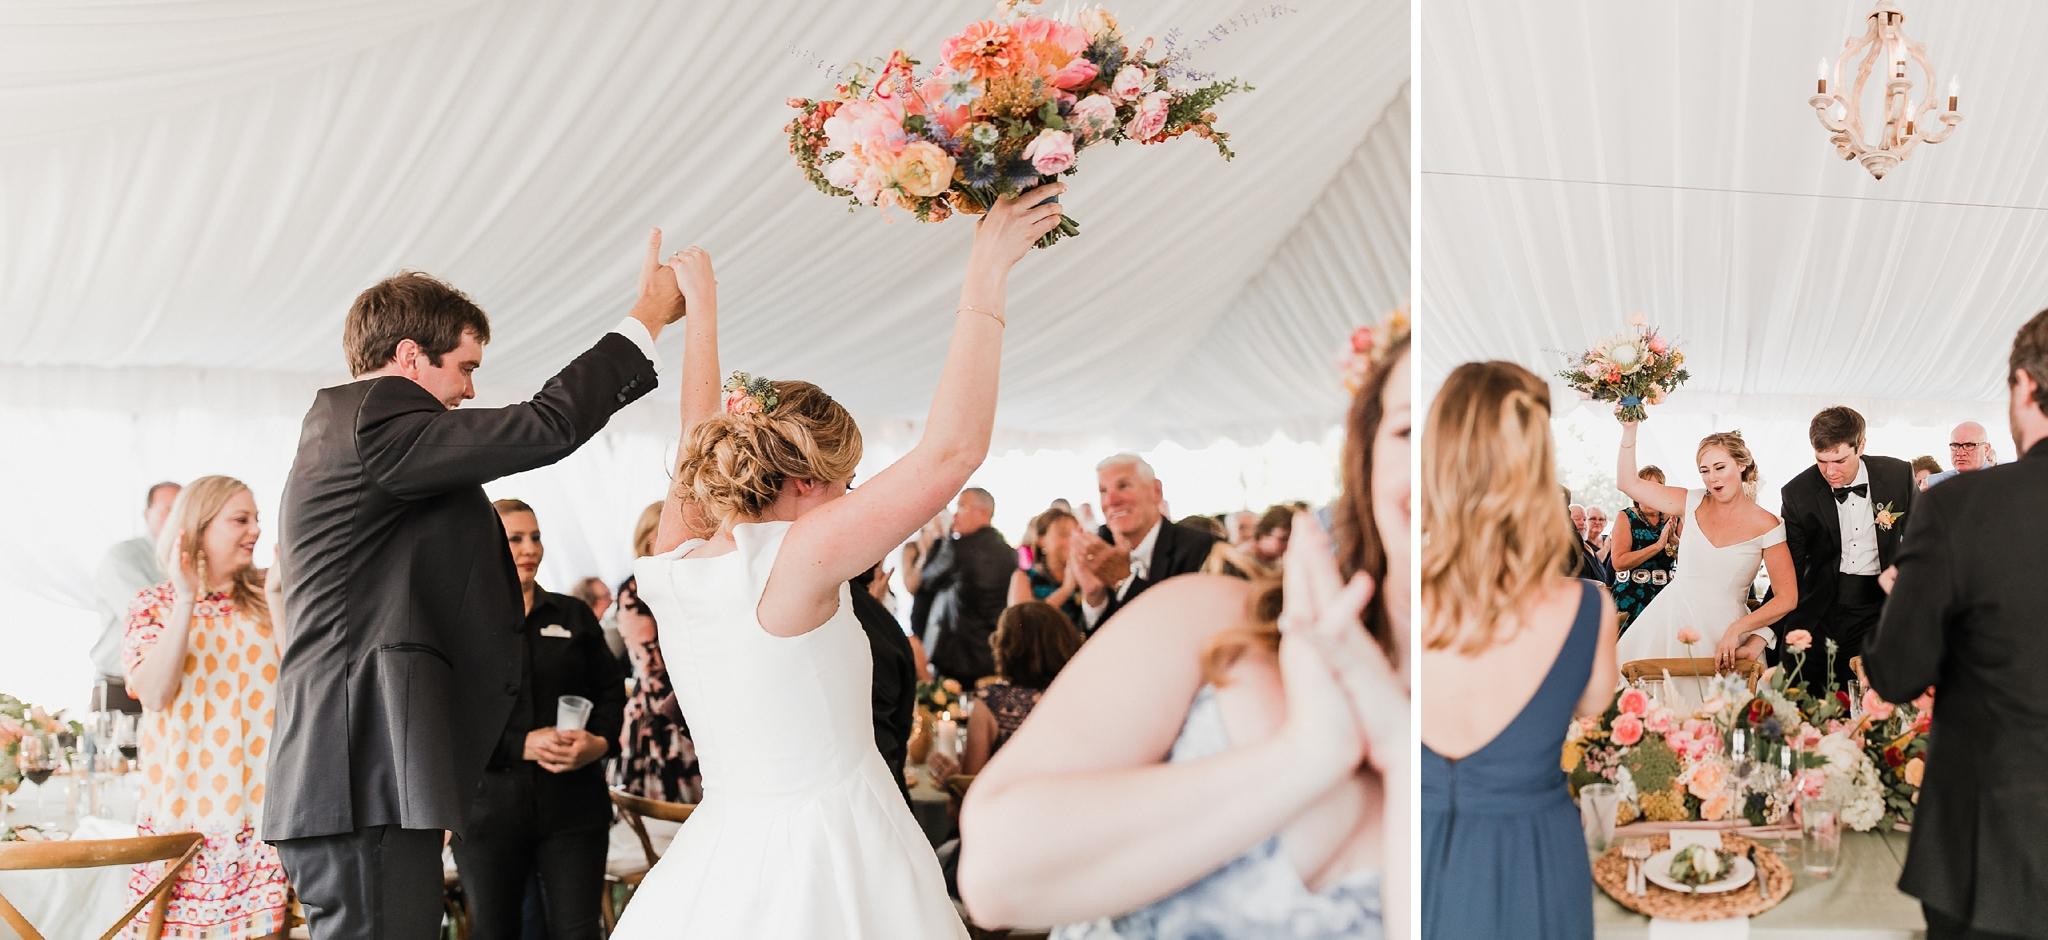 Alicia+lucia+photography+-+albuquerque+wedding+photographer+-+santa+fe+wedding+photography+-+new+mexico+wedding+photographer+-+new+mexico+wedding+-+las+campanas+wedding+-+santa+fe+wedding+-+maximalist+wedding+-+destination+wedding_0141.jpg